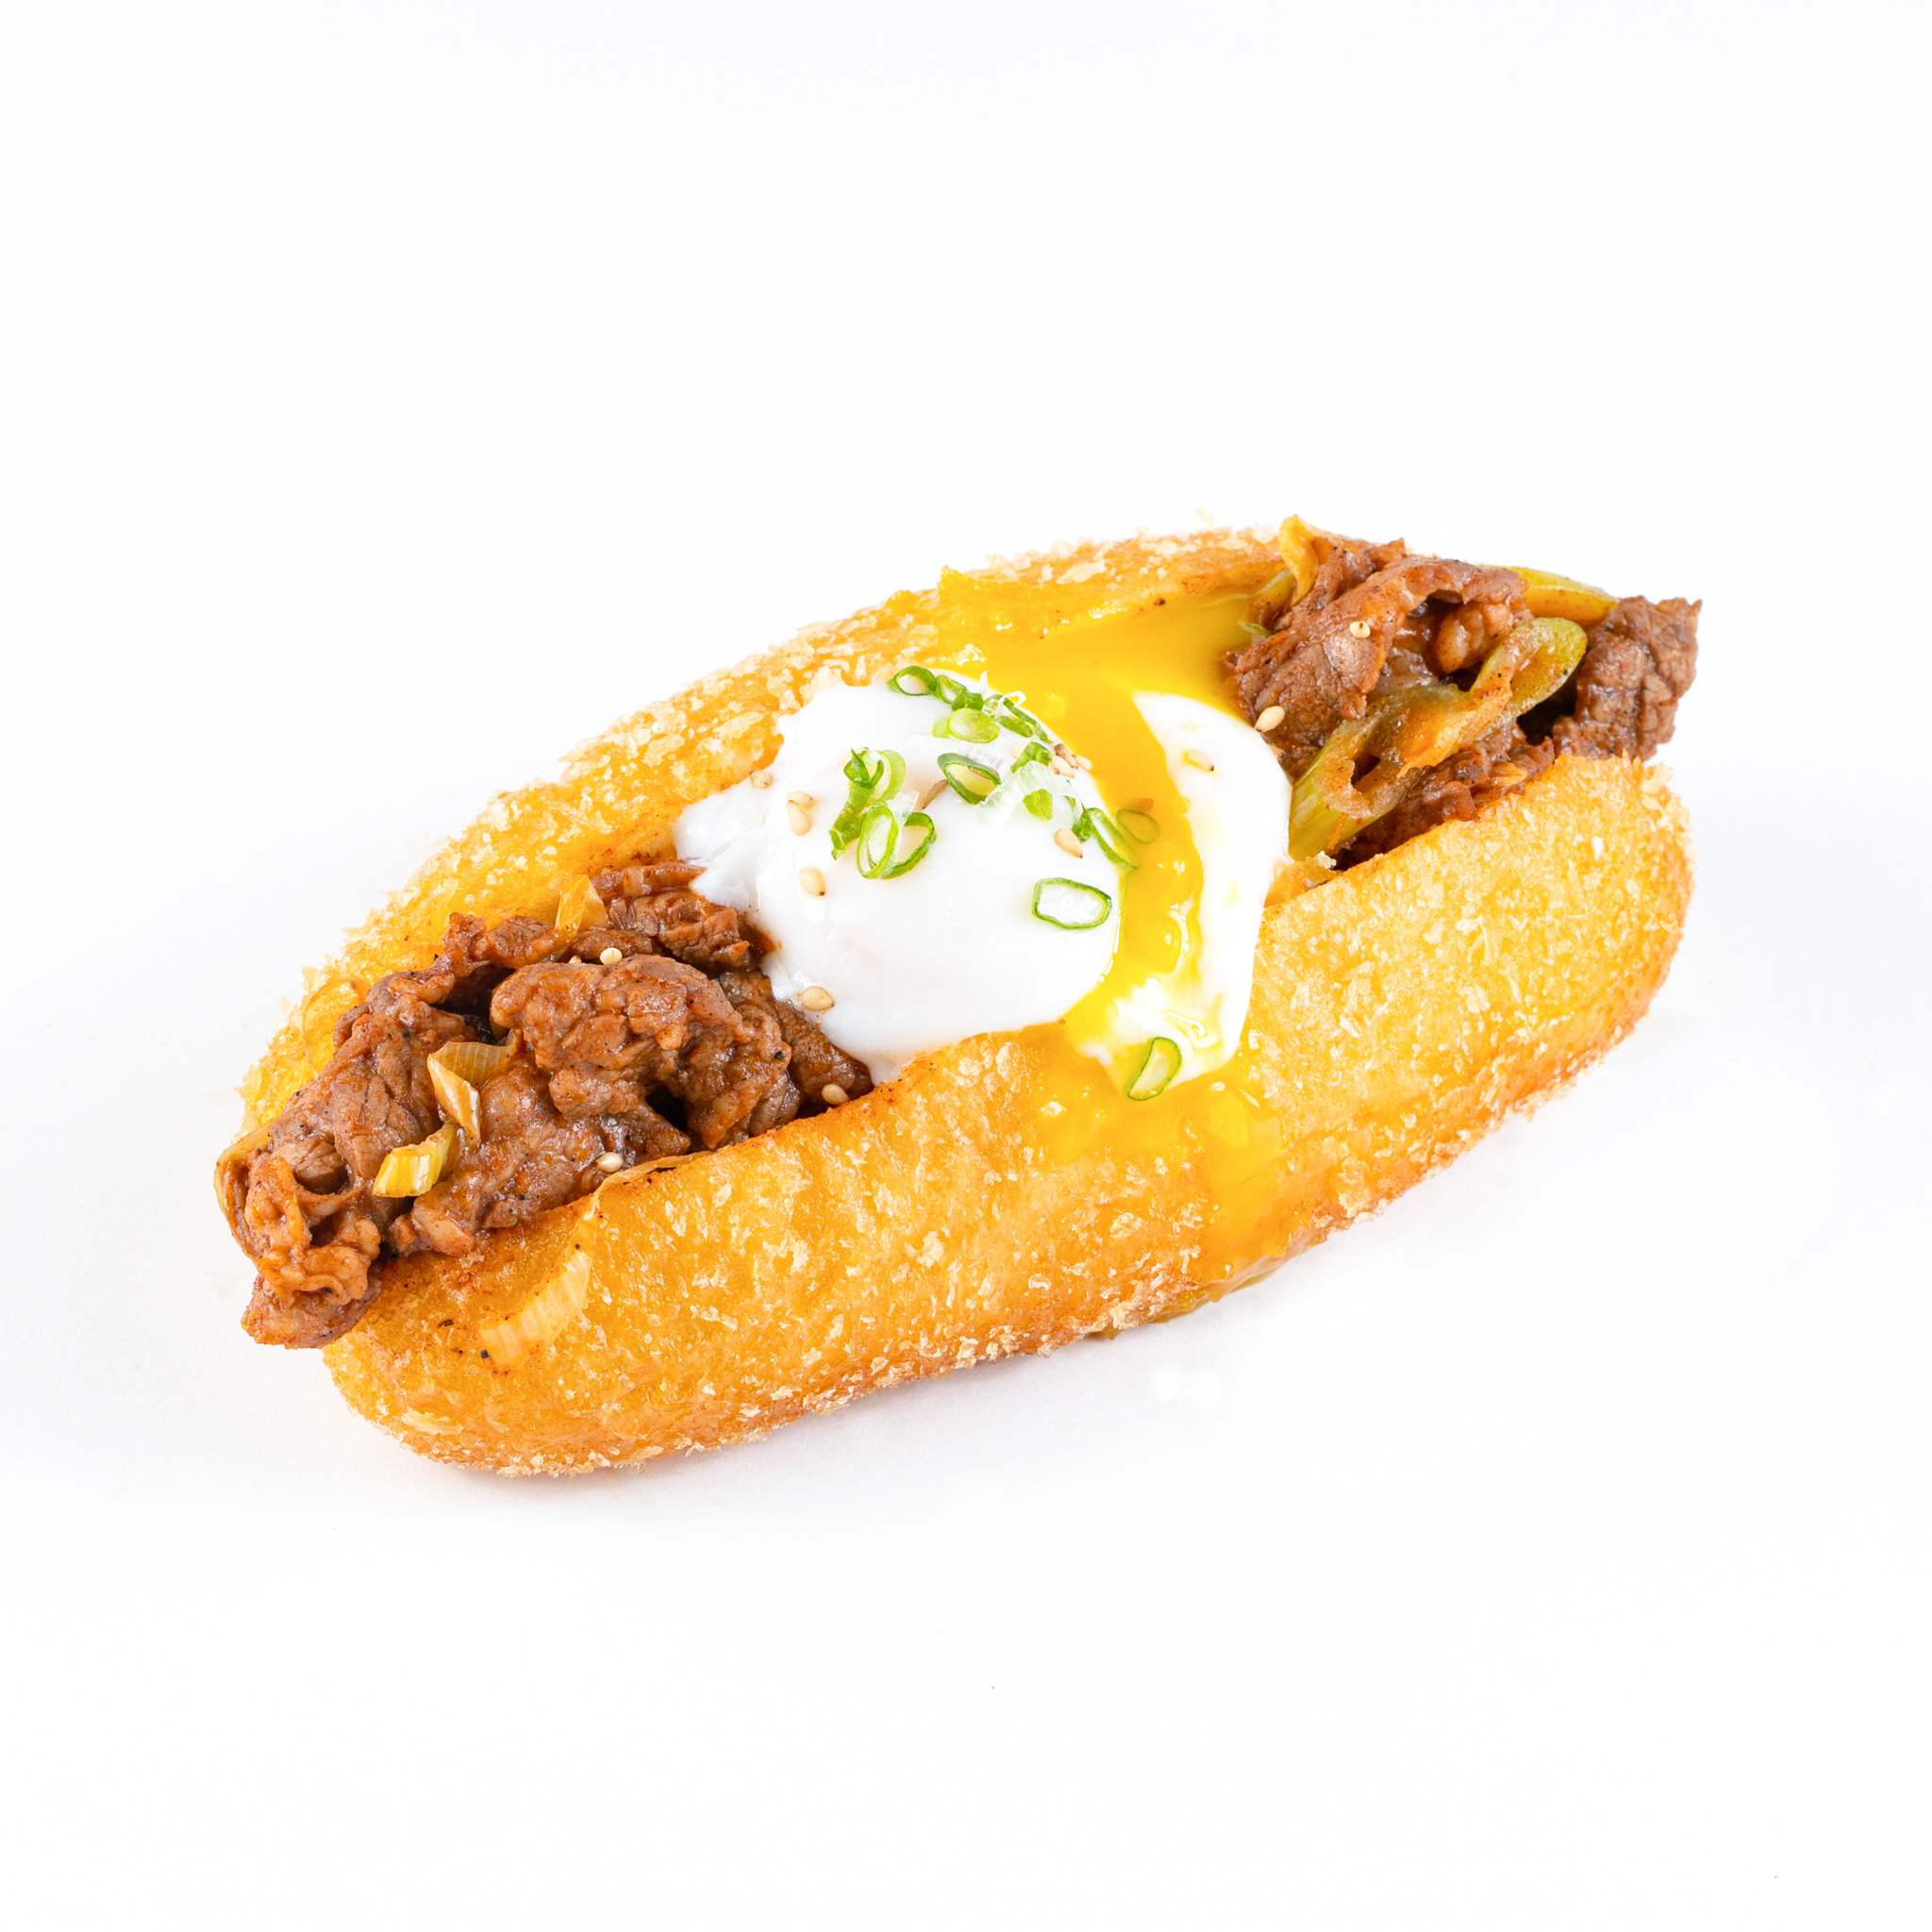 Mala Beef & Egg